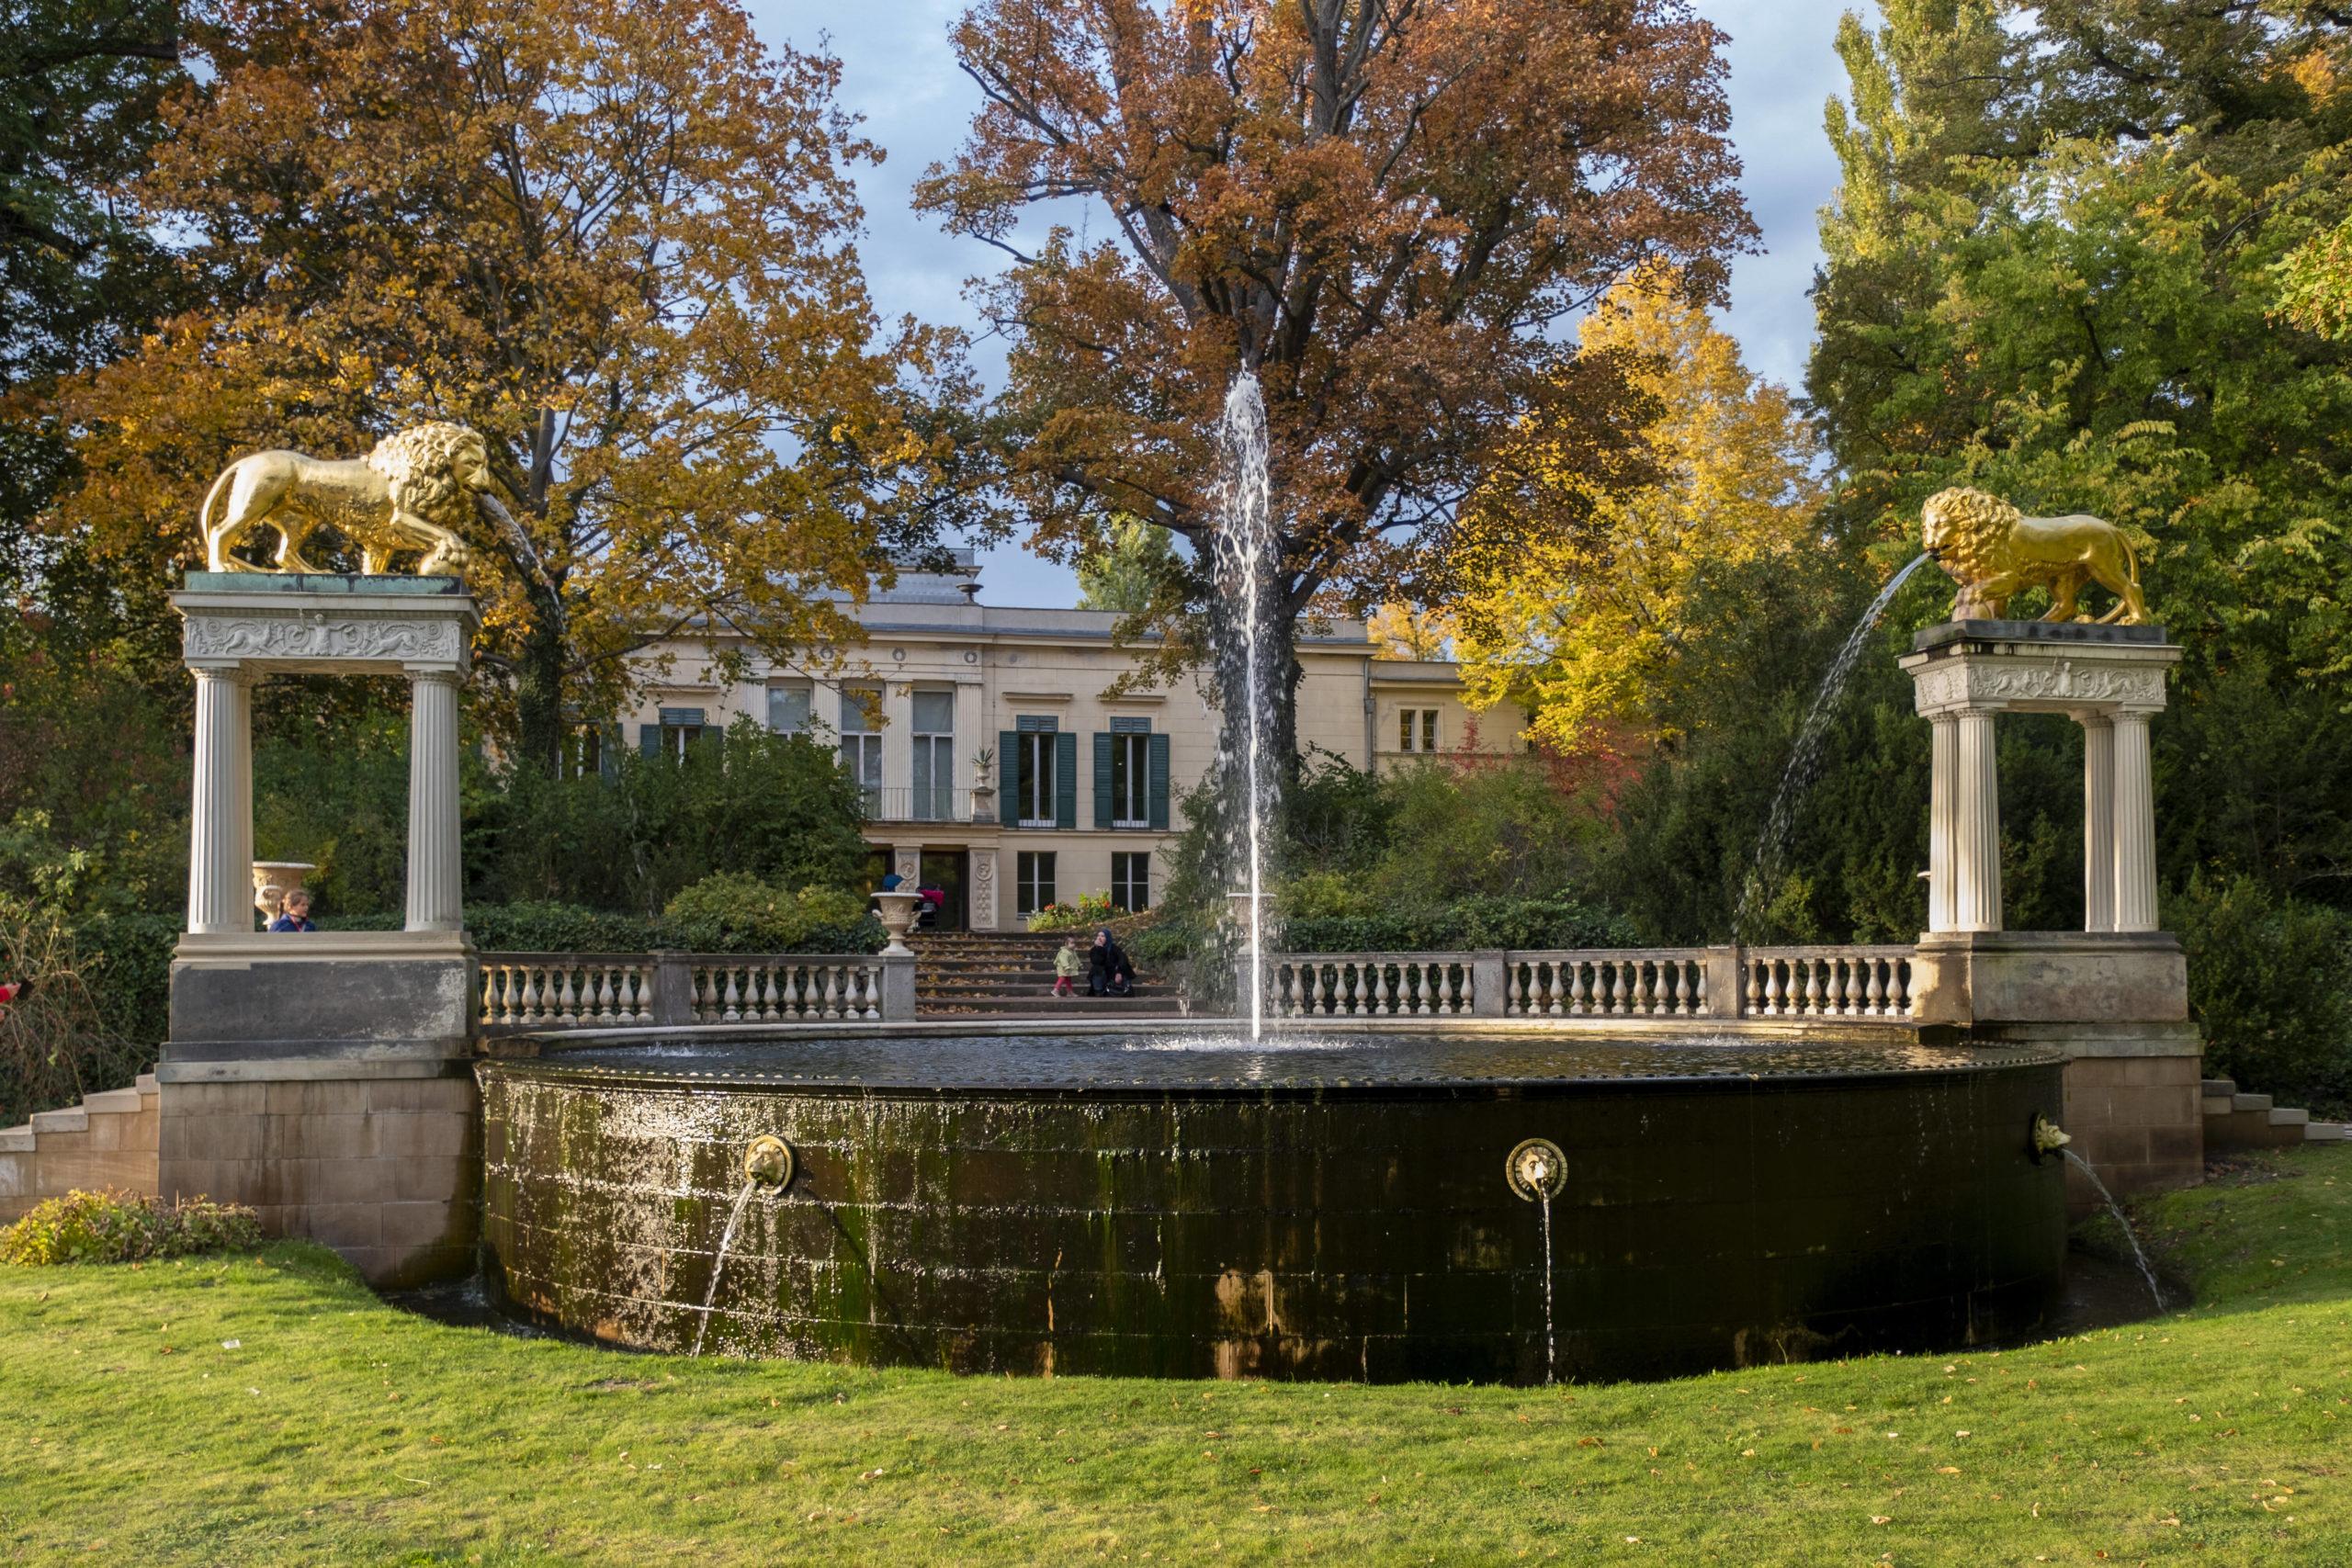 Wannsee Italienische Romantik: Prinz Carl von Preußen verliebte sich in den mediterranen Baustil und ließ daraufhin das Schloss Glienicke am Wannseeufer bauen.